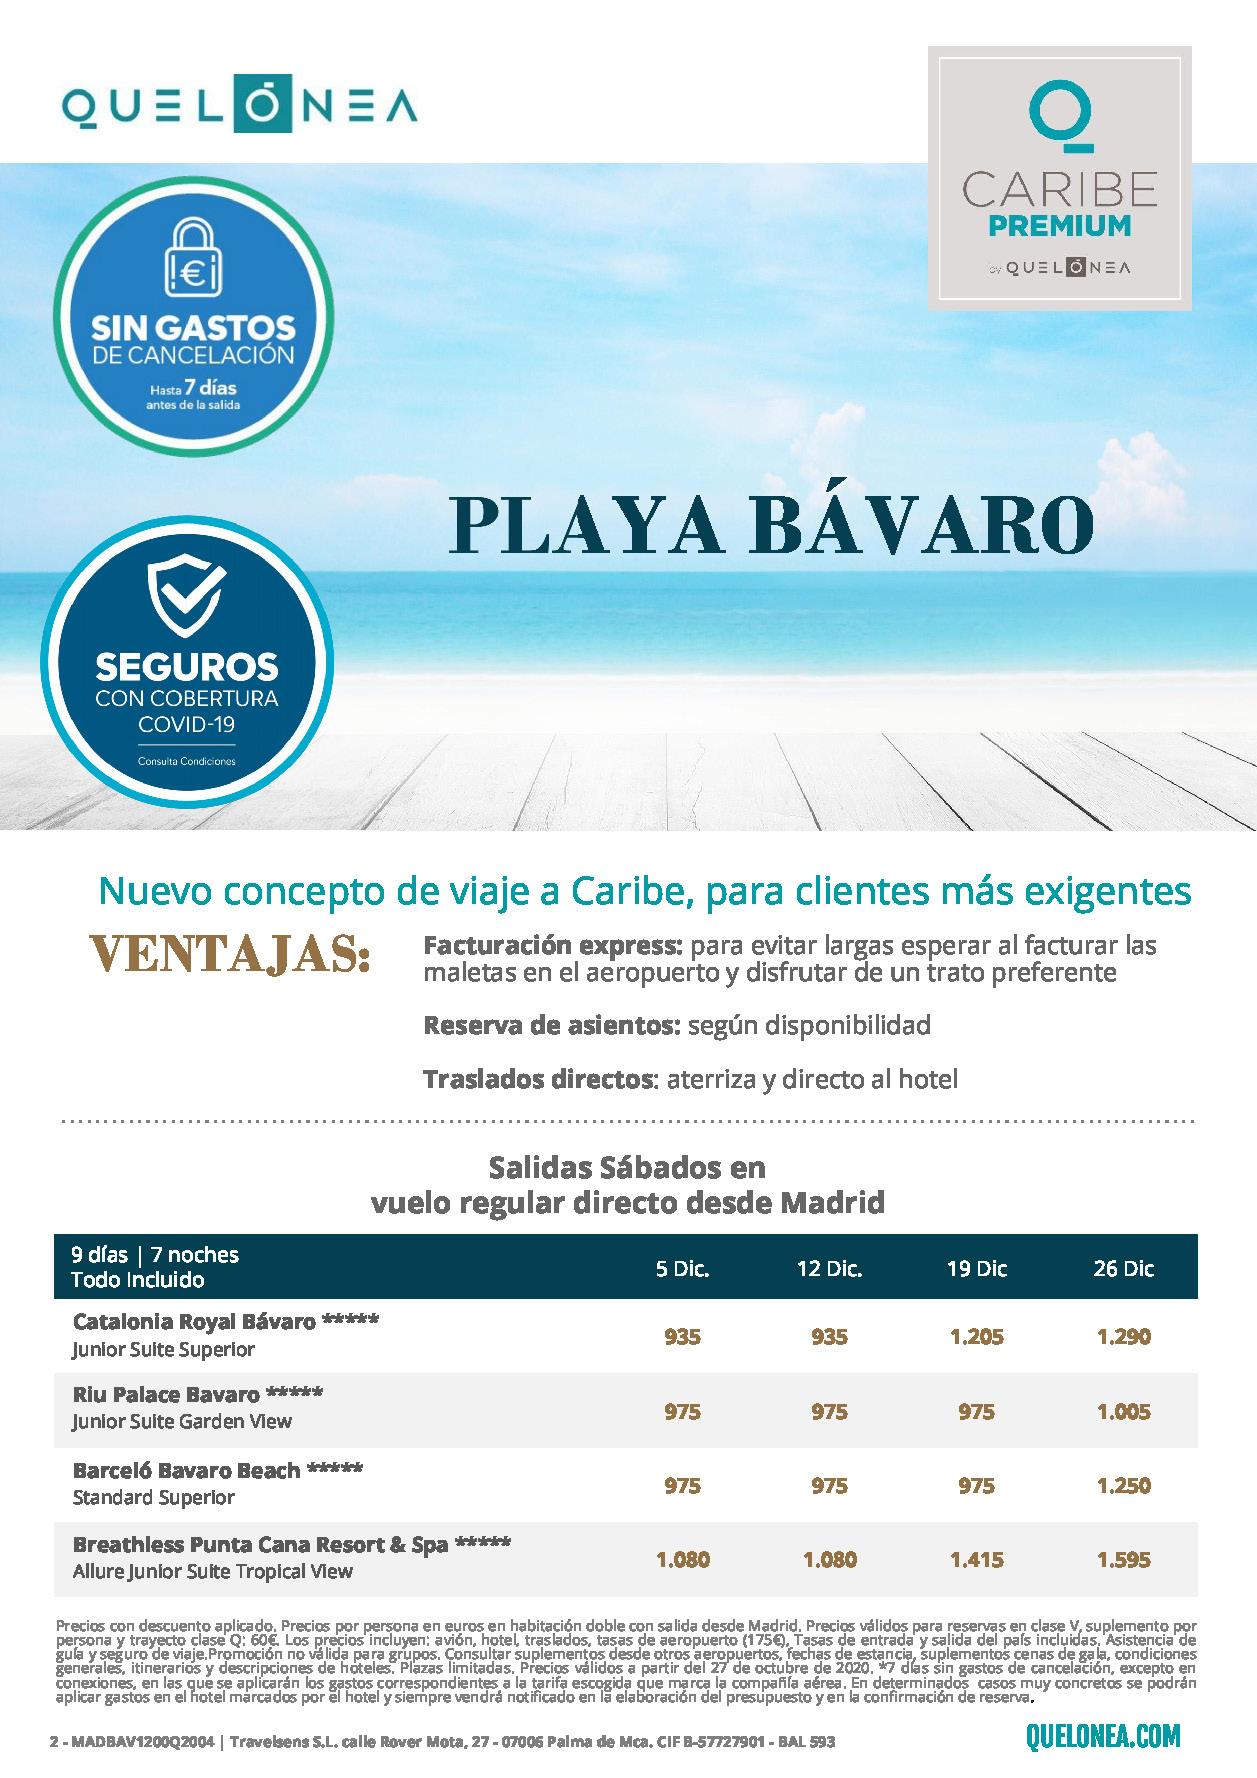 Ofertas Quelonea Republica Dominicana Premium Playa Bavaro Diciembre 2020 vuelo directo desde Madrid